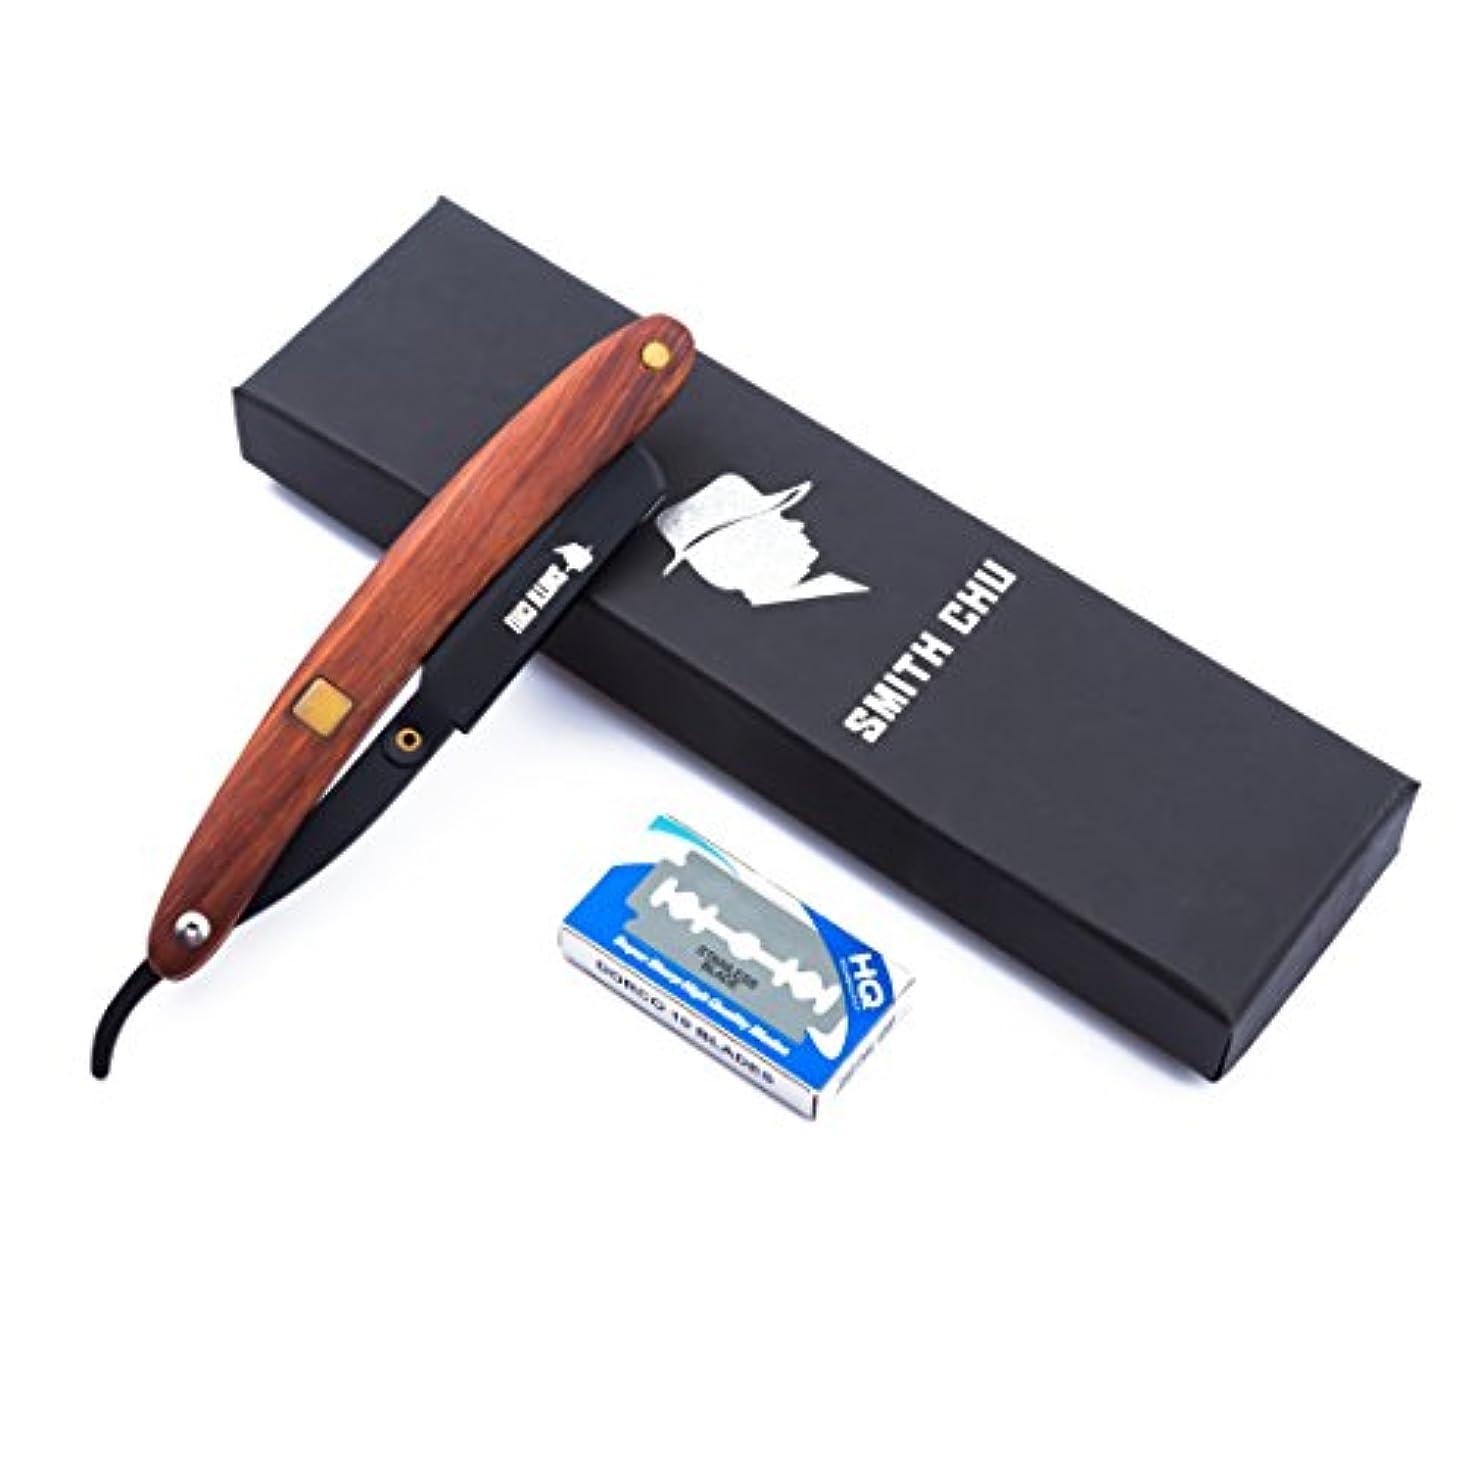 フリッパー説明的最も理容カミソリ 木製ハンドル 折りたたみナイフ クラシックサロンの理髪師ストレートスロートシェービング剃刀シェービングヘアカットツール